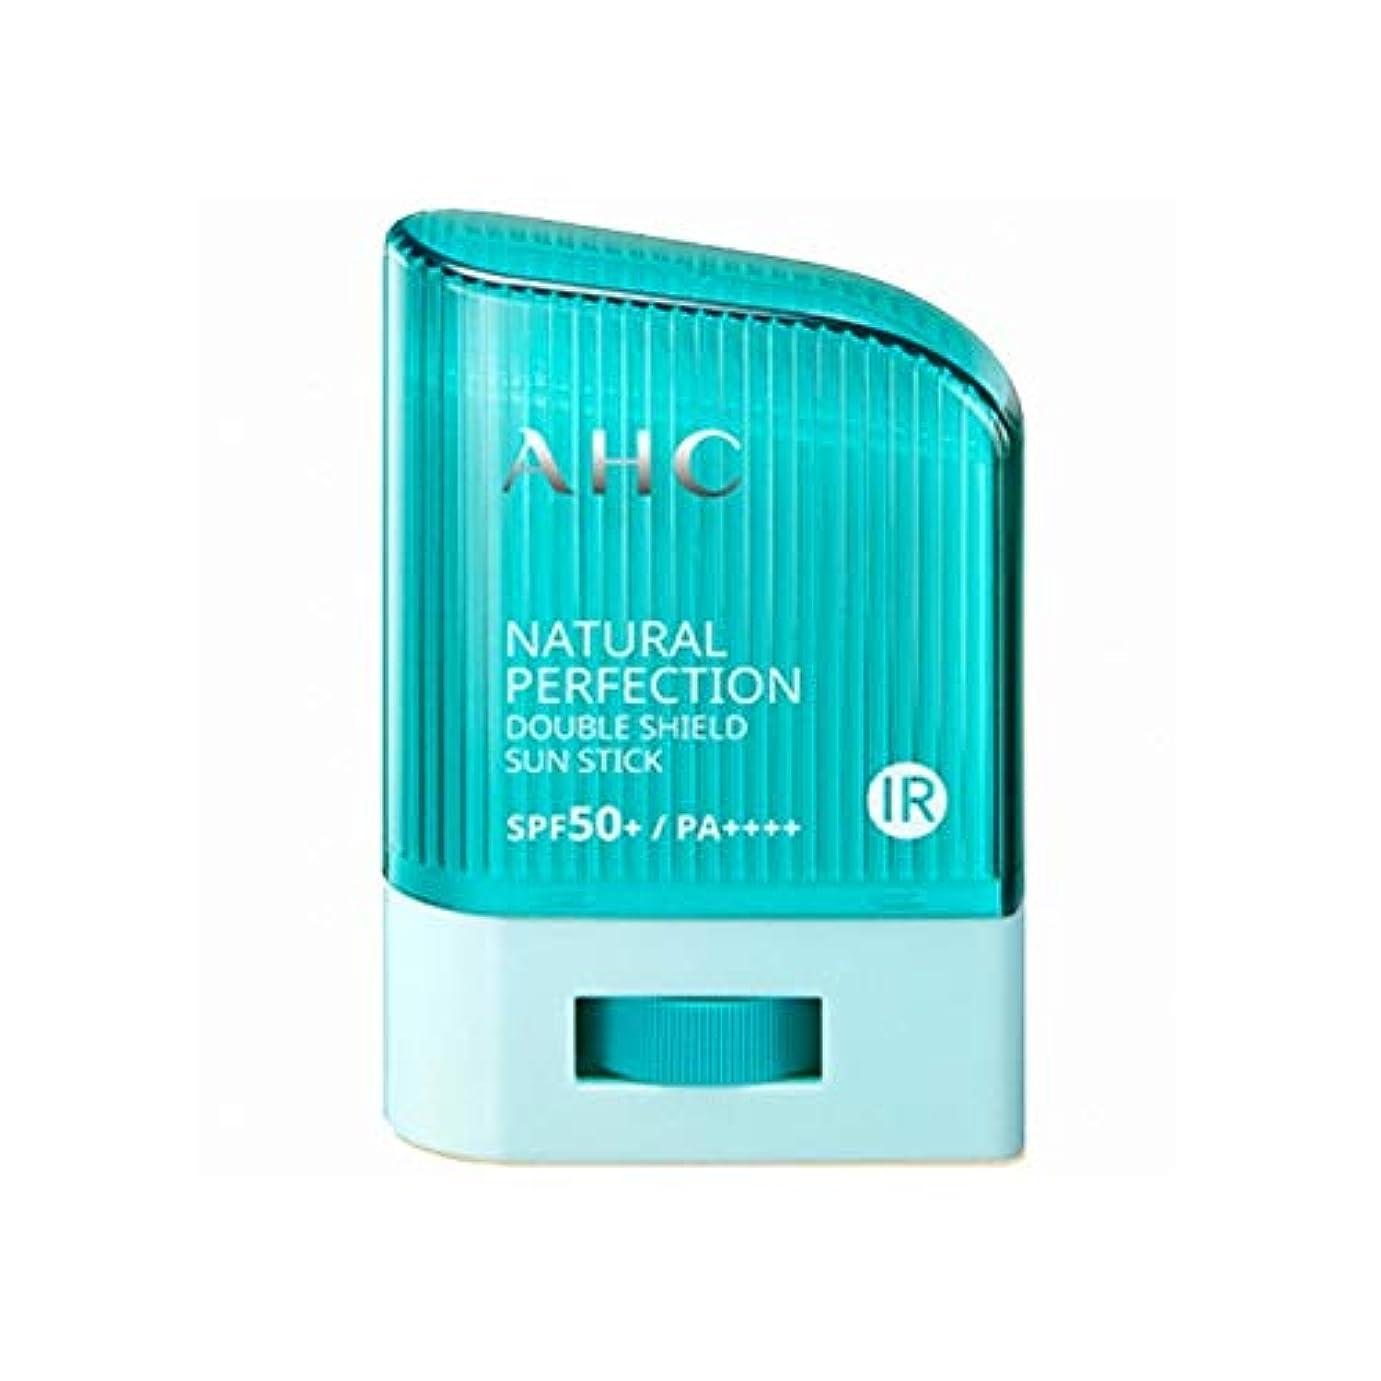 ドームセール月AHC ナチュラルパーフェクションダブルシールドサンスティック 14g, Natural Perfection Double Shield Sun Stick SPF50+ PA++++ A.H.C